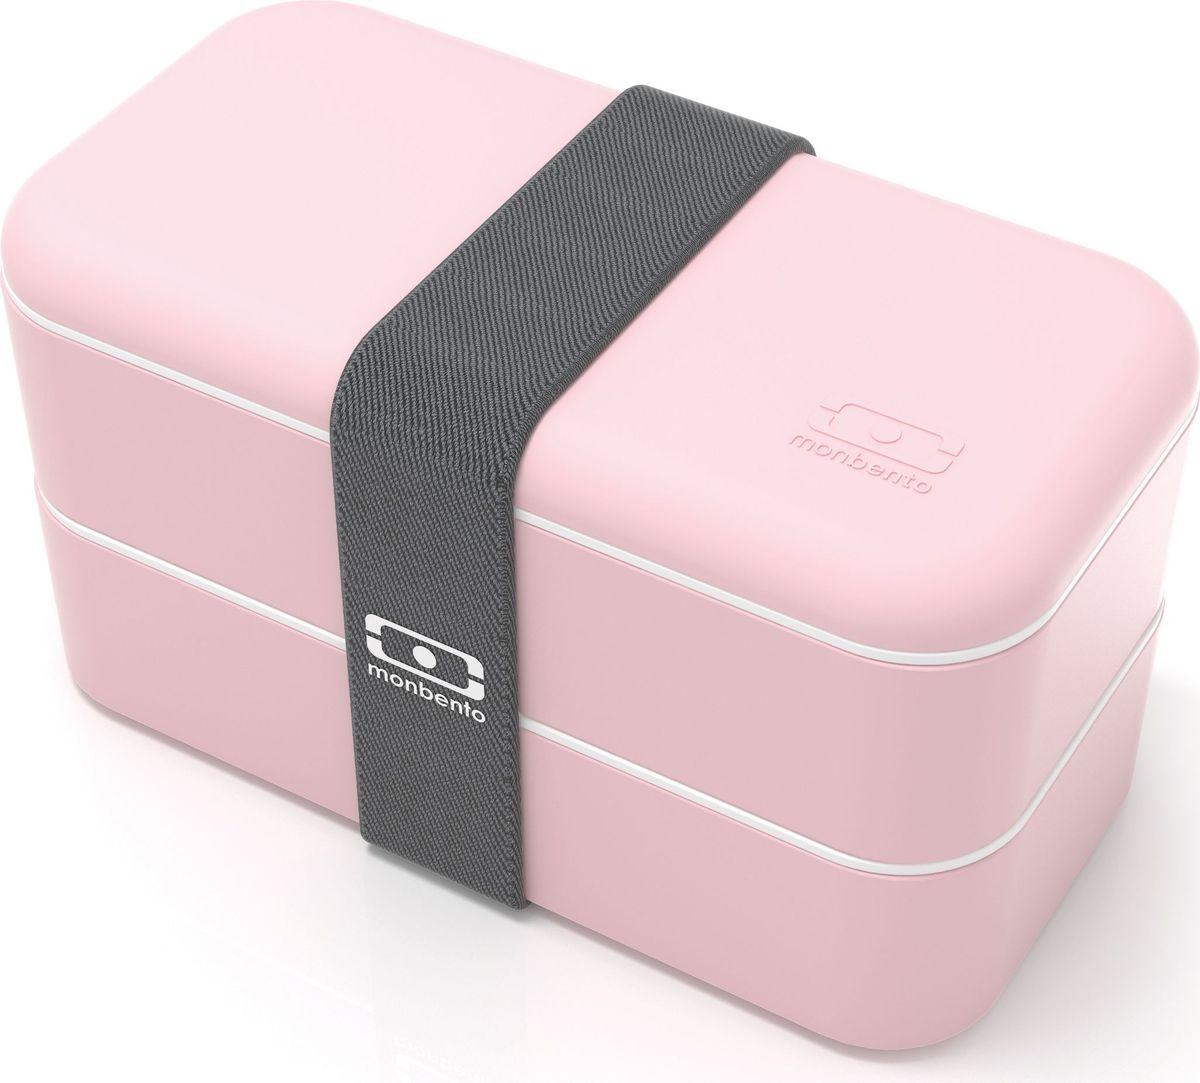 Ланч-бокс Monbento Original, цвет: личи, 1 лМ 1201-З_зеленыйЛанчбокс Monbento Original изготовлен из высококачественного пищевого пластика с приятнымна ощупь прорезиненным покрытием soft-touch. Предназначен для хранения и переноски пищевыхпродуктов. Ланчбокс представляет собой два прямоугольных контейнера, в которых удобнохранить различные блюда. В комплекте также предусмотрена емкость для соуса, которая удобнопомещается в одном из контейнеров. Контейнеры вакуумные, что позволяет продуктам дольшеоставаться свежими и вкусными. Боксы дополнительно фиксируются друг над другомэластичным ремешком.Компактные размеры позволят хранить ланчбокс в любой сумке. Его удобно взять с собой наработу, отдых, в поездку. Теперь любимая домашняя еда всегда будет под рукой, а яркий дизайнподнимет настроение и подарит заряд позитива.Можно использовать в микроволновой печи и для хранения пищи в холодильнике, можномыть в посудомоечной машине. В крышке каждого контейнера - специальная пробка, которуюнадо вытащить, если вы разогреваете еду. Объем одного контейнера: 0,5 л.Общий размер ланчбокса: 18 см х 9 см х 10,5 см.Размер контейнера: 18 см х 9 см х 4,5 см.Размер емкости для соуса: 8,5 см х 4,5 см х 3 см. Объем емкости для соуса: 0,1 л.